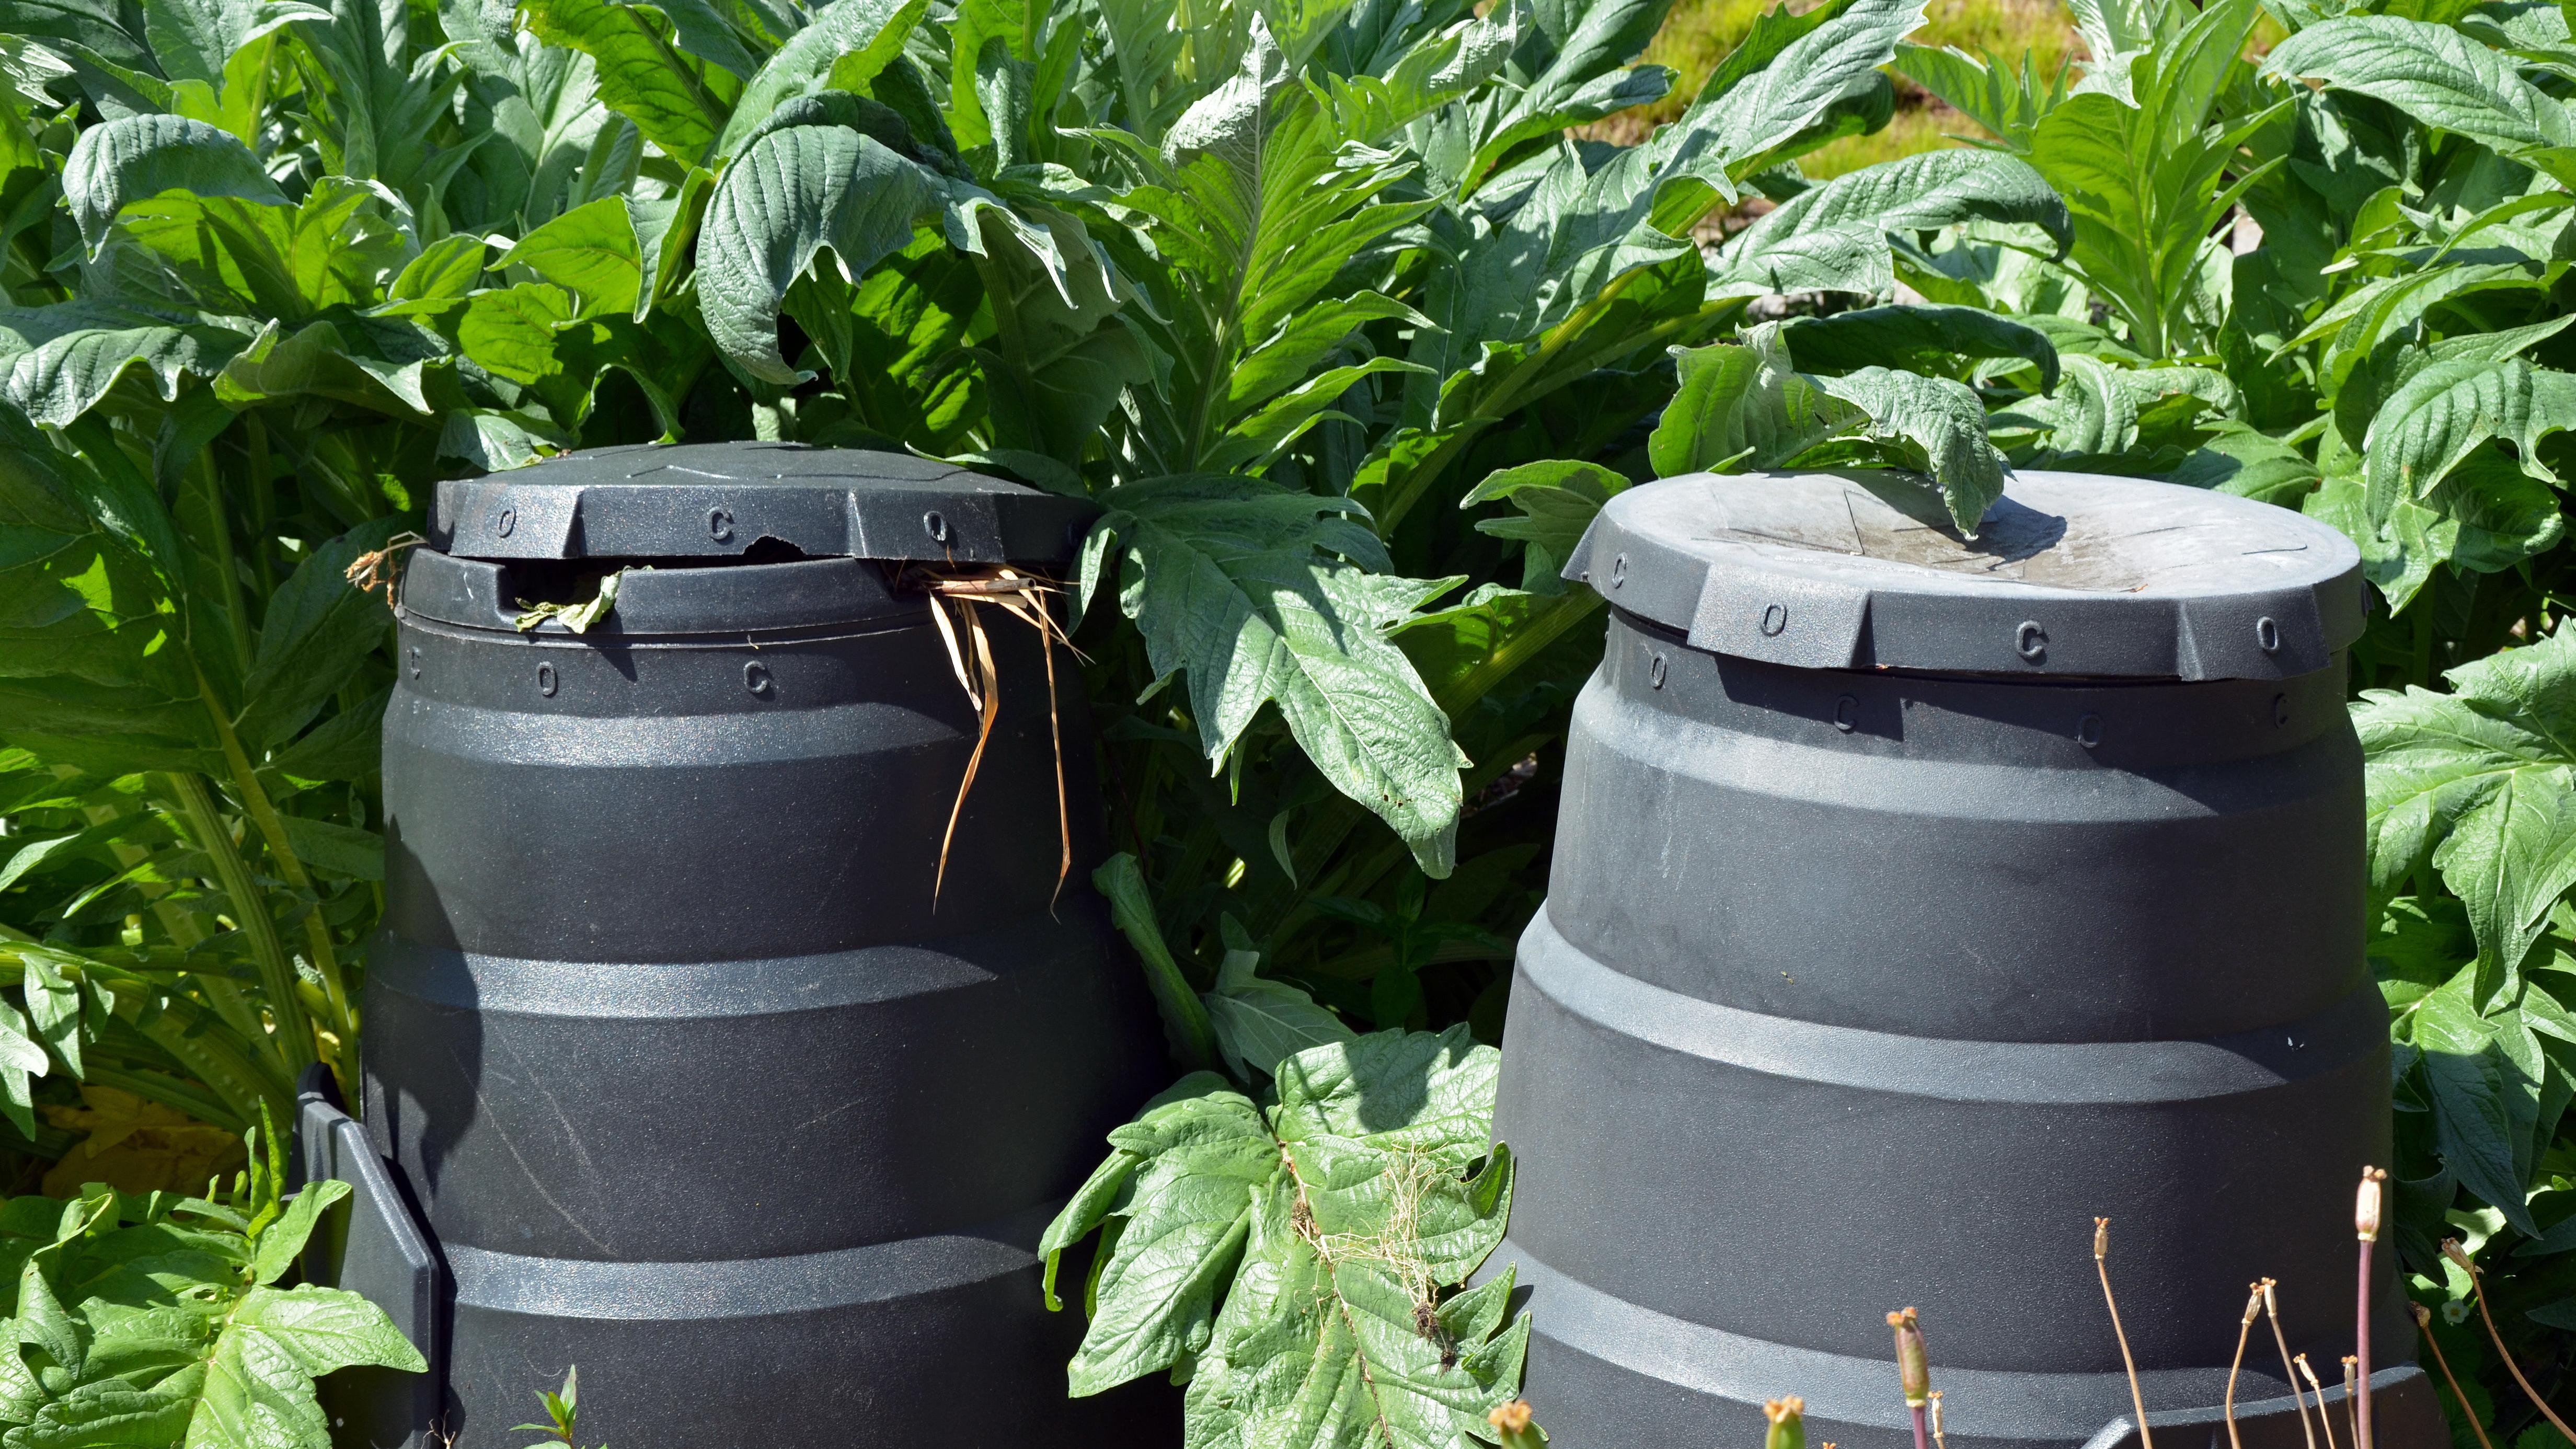 Nachhaltig gärtnern gelingt zum Beispiel, indem Sie Regenwasser auffangen.